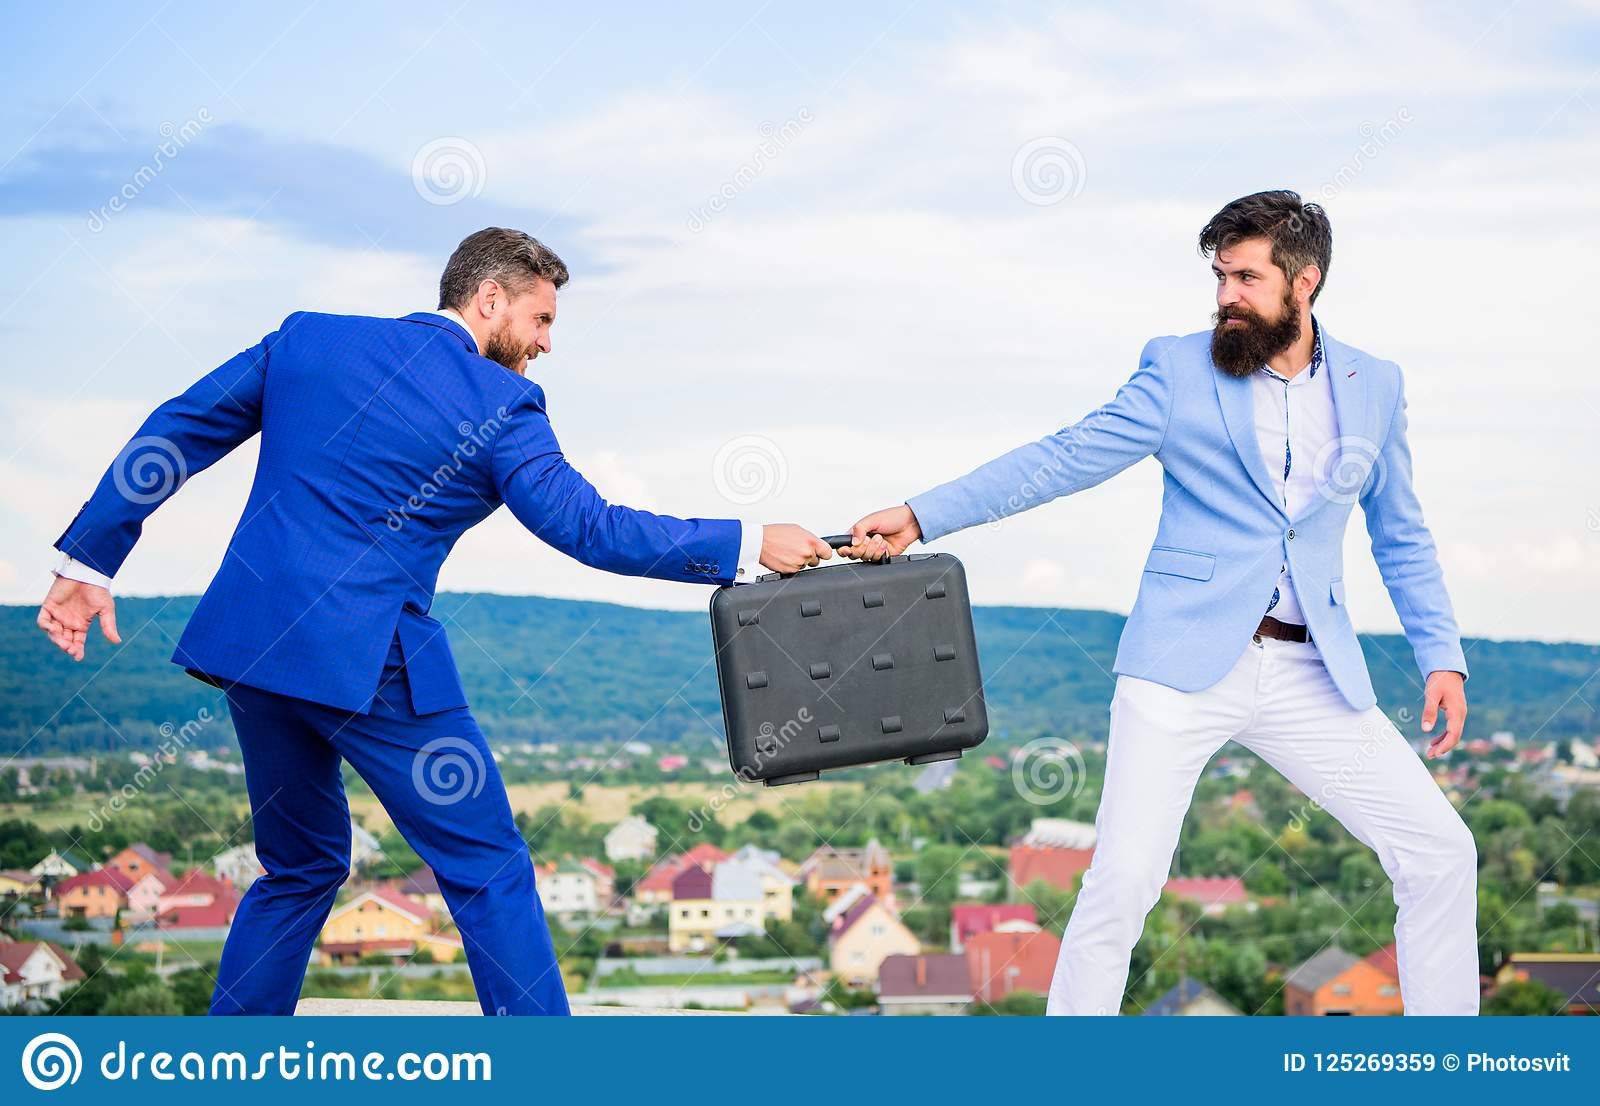 商人从商务伙伴拿走公文包 欺骗和强夺概念 捣蛋鬼的勒索致利者勒索者